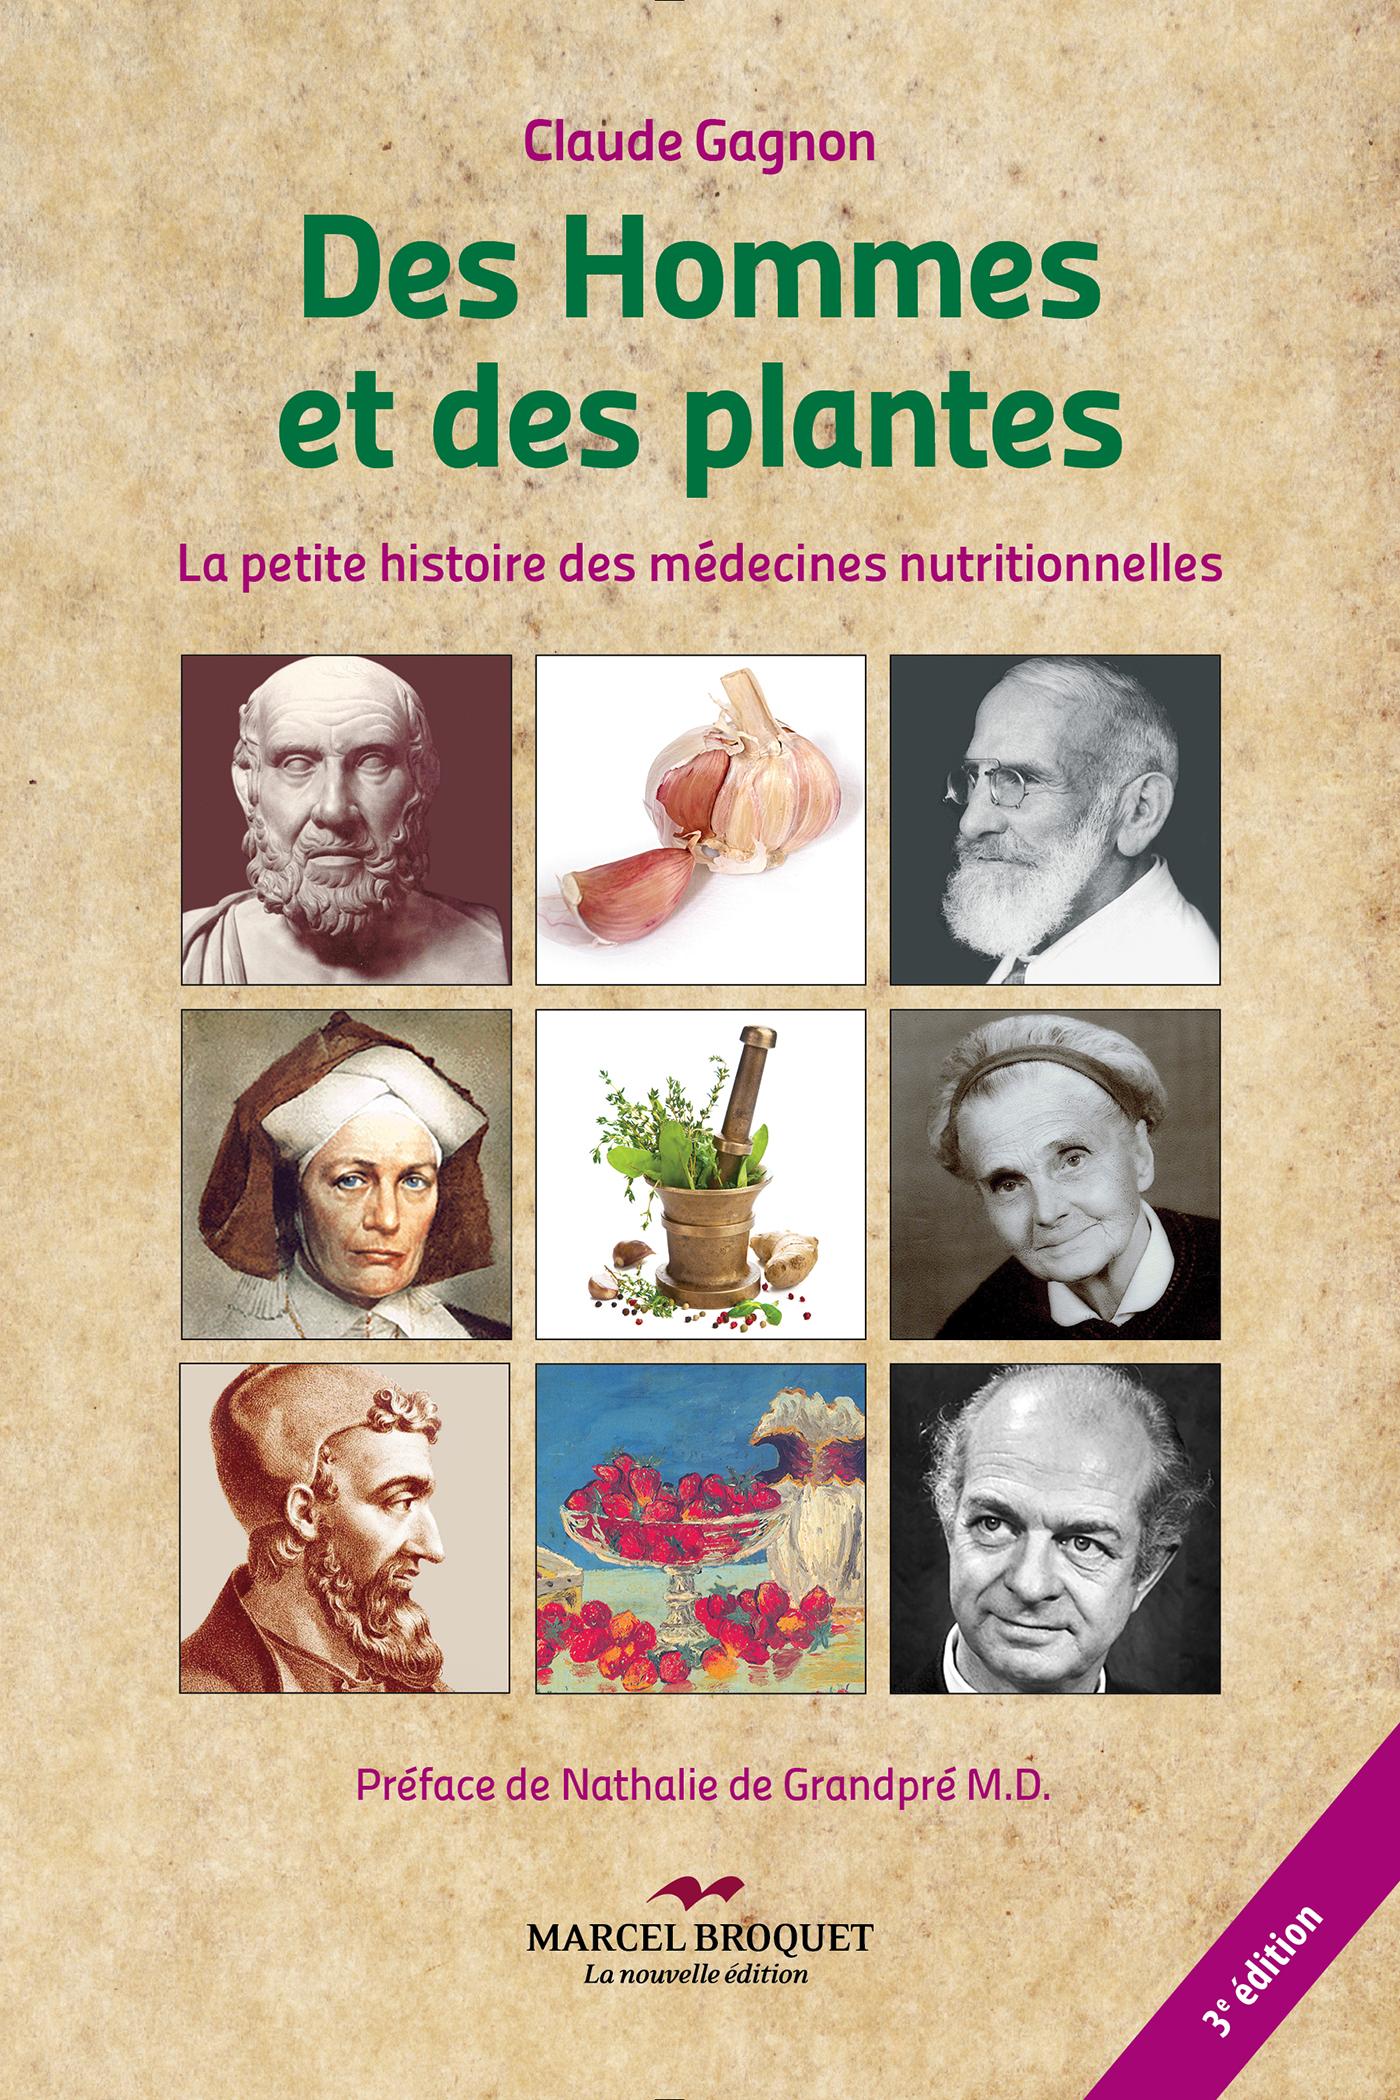 Des hommes et des plantes - 3e édition, La petite histoire des médecines nutritionnelles